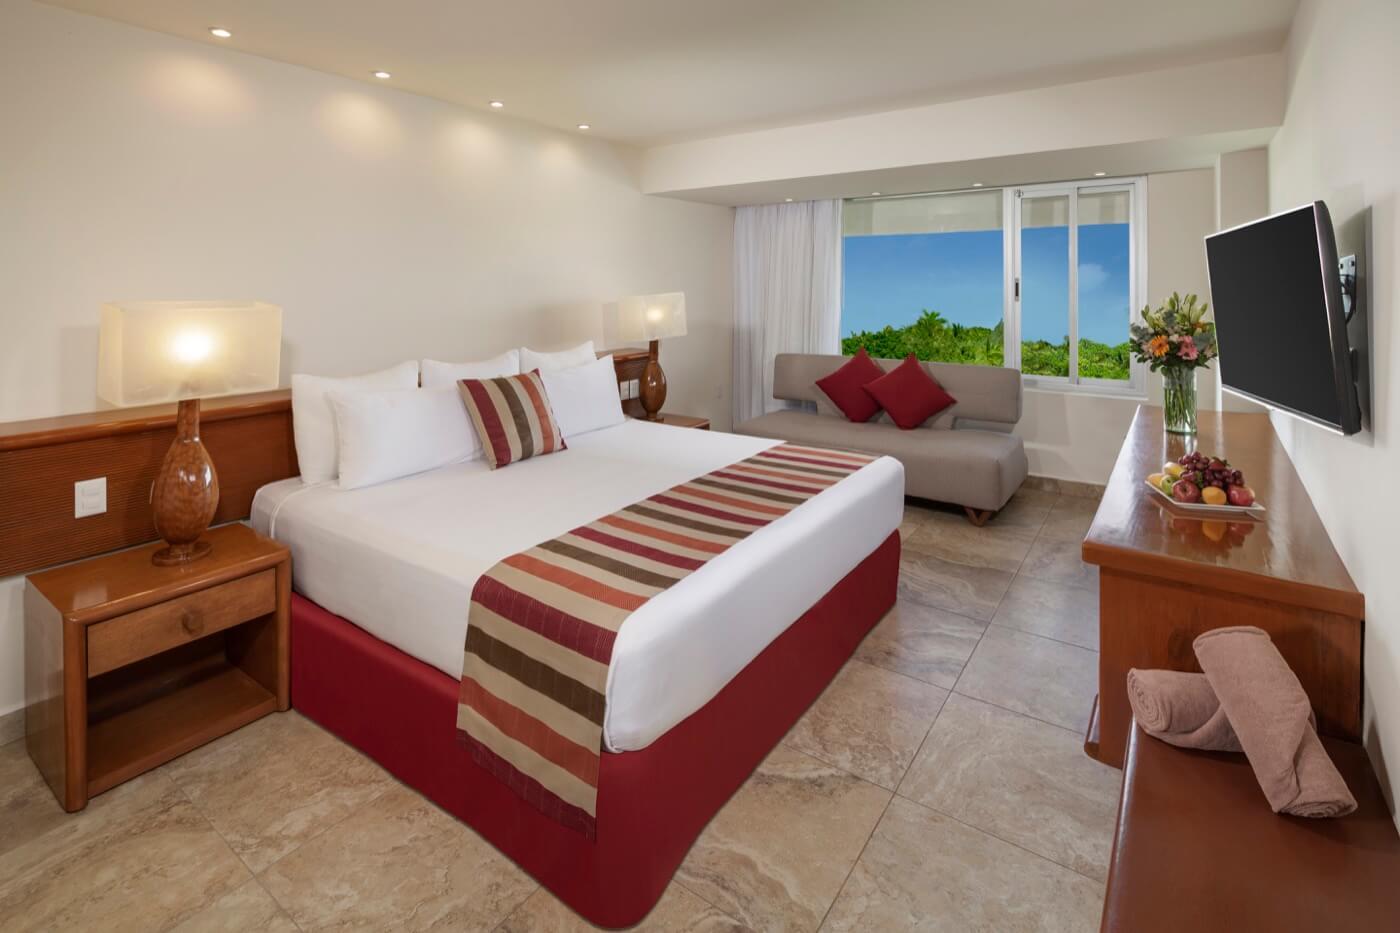 Habitación Estándar con dos camas Dobles y decorado temático de selva infantil para niños y familia en hotel Oasis Palm